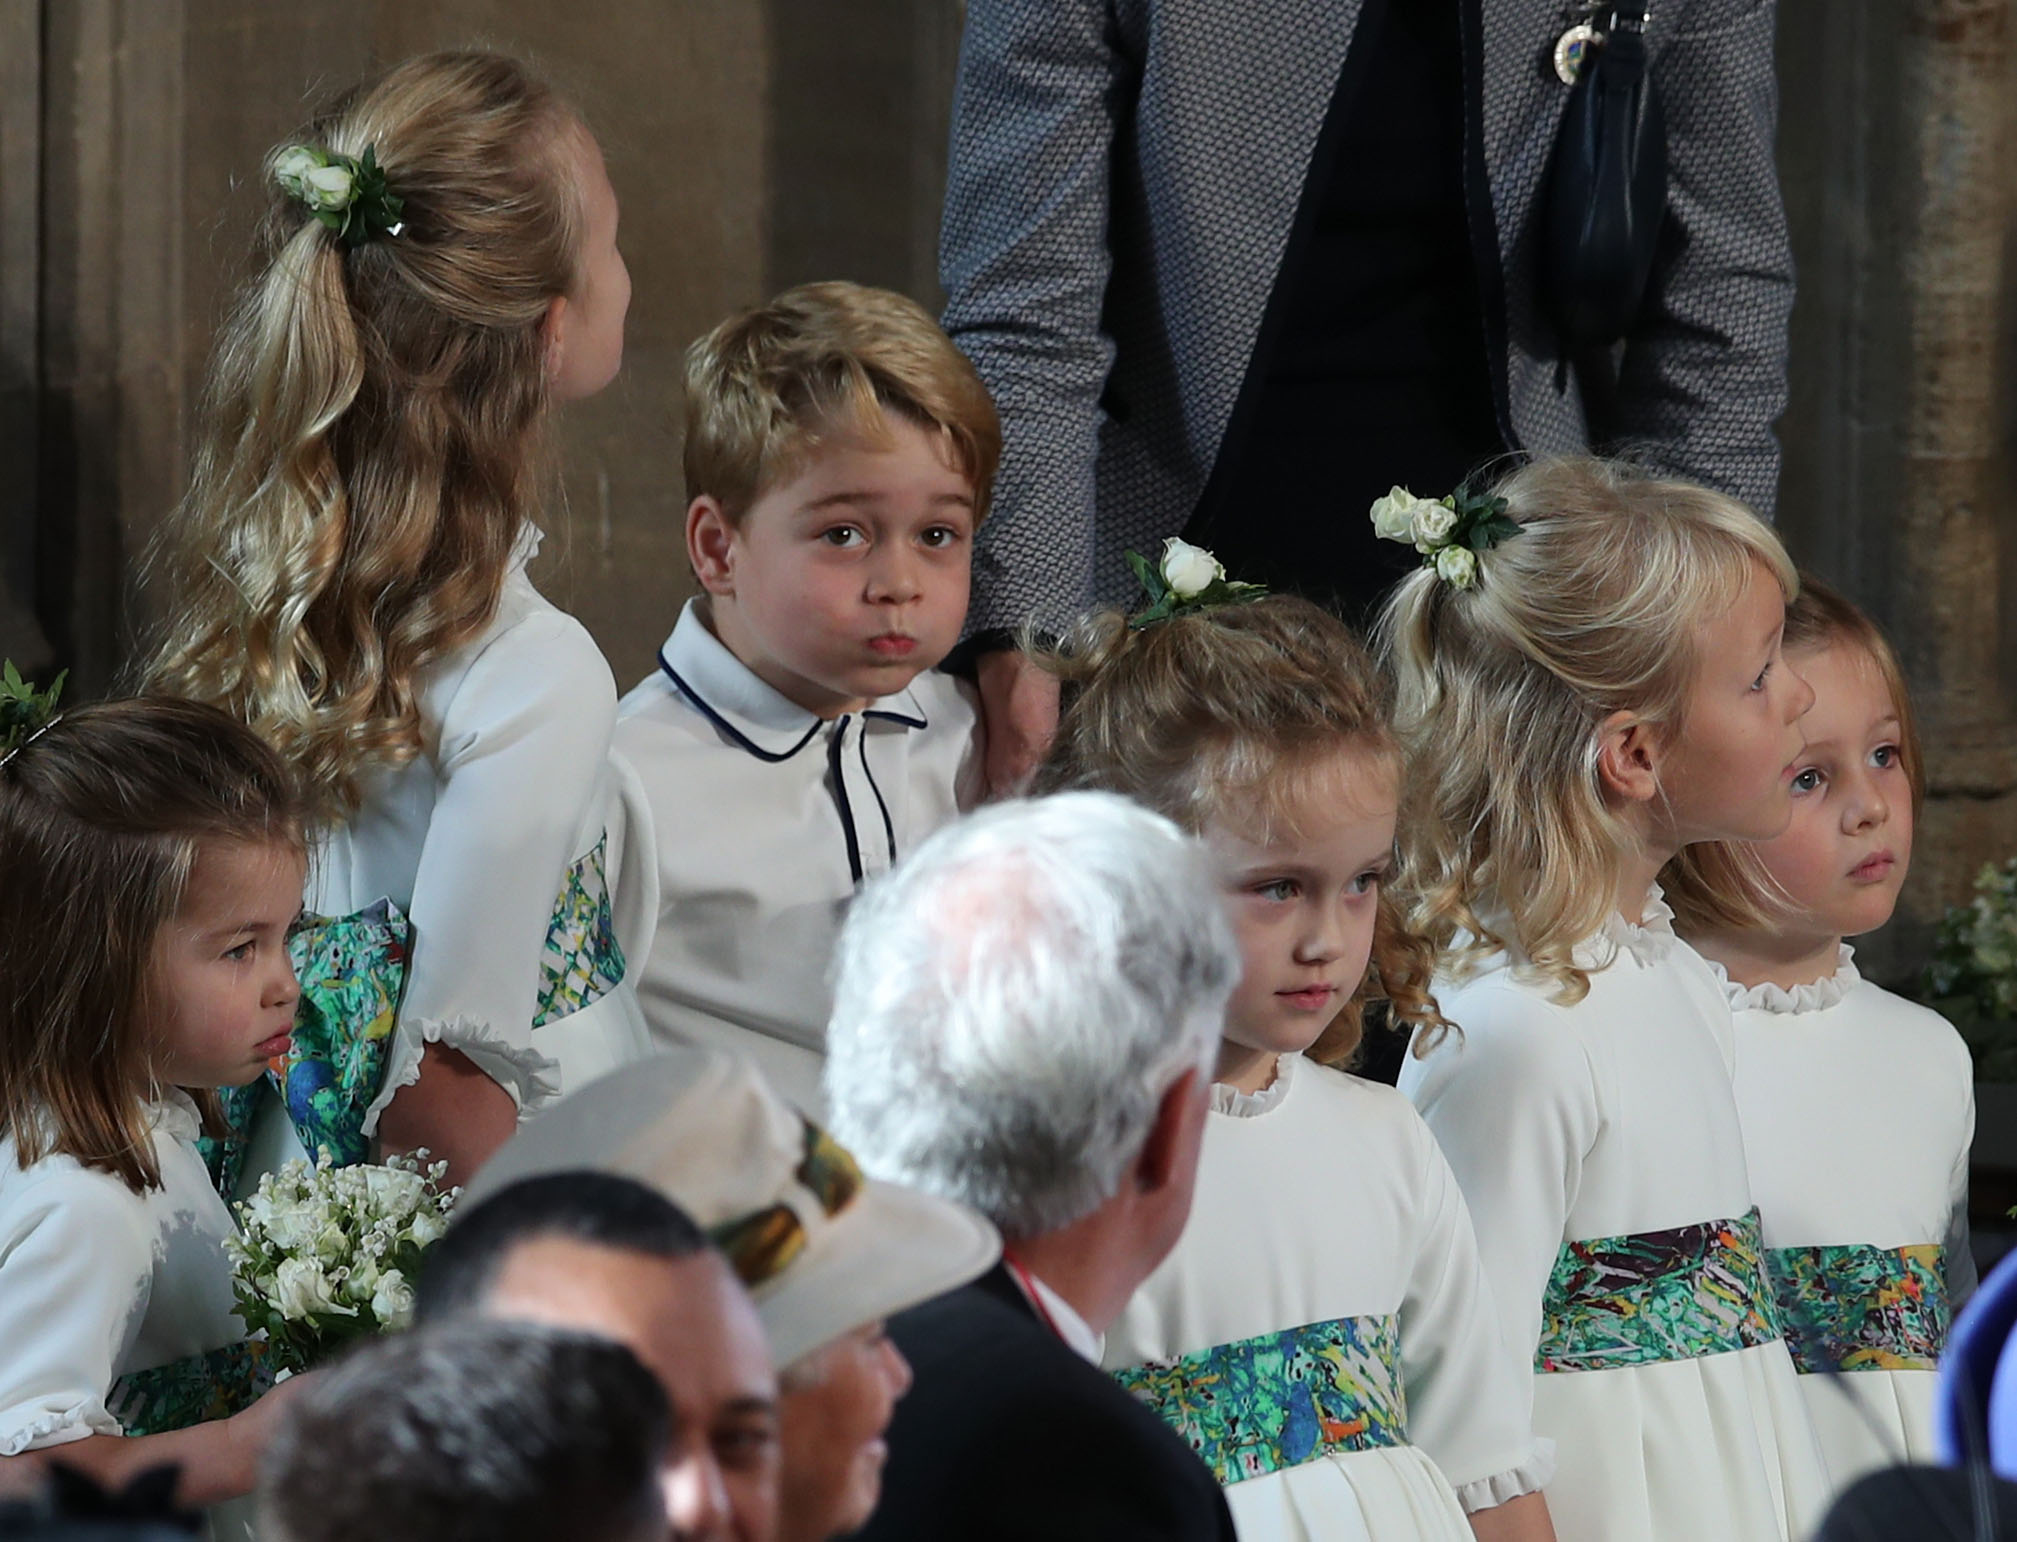 Принц Джордж, Великобритания, 5-годишен<br /> Принц Джордж е най-голямото от трите деца на принц Уилям и херцогинята на Кеймбридж Катрин. Петгодишният принц е трети поред наследник на британския престол след дядо си принц Чарлз и баща си. По-малките сестра и брат на принц Джордж, принцеса Шарлот и принц Луи, са съответно четвърта и пети поред сред наследниците на трона.